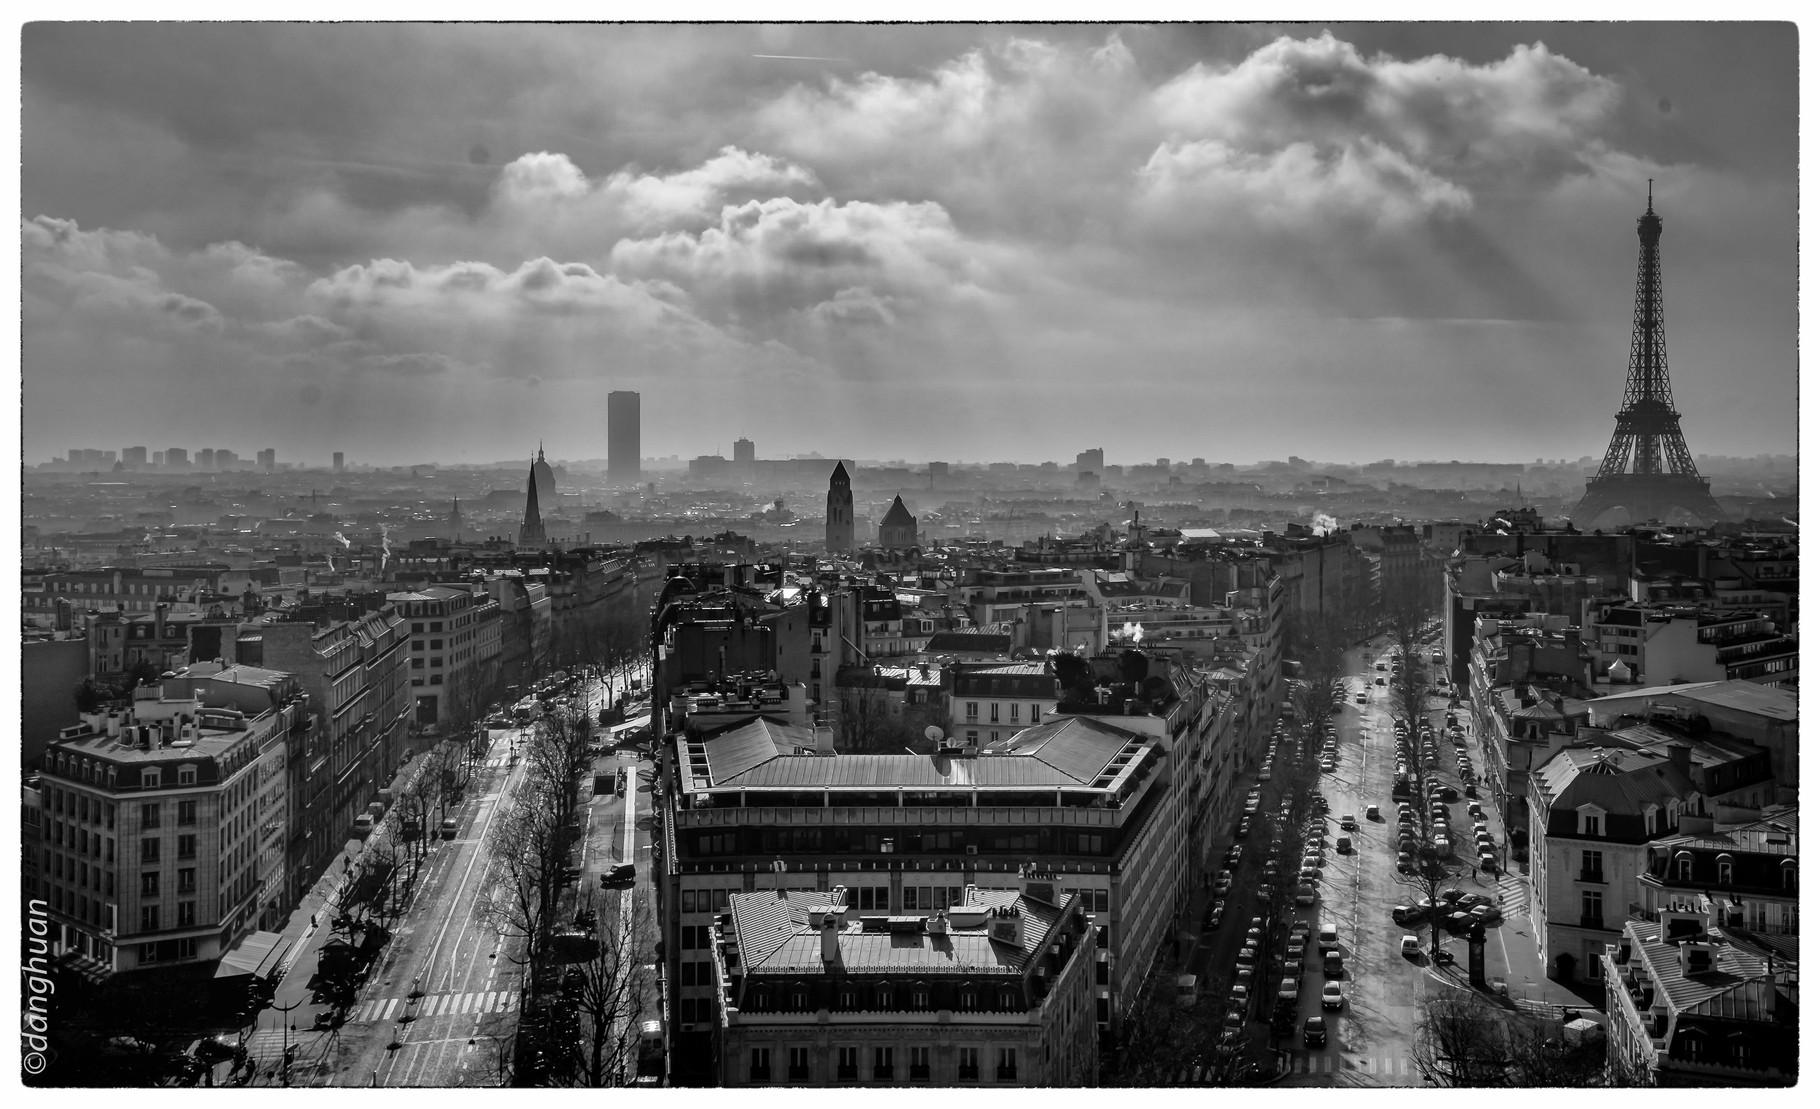 Sud Ouest de Paris vu depuis le sommet de l'Arc de Triomphe